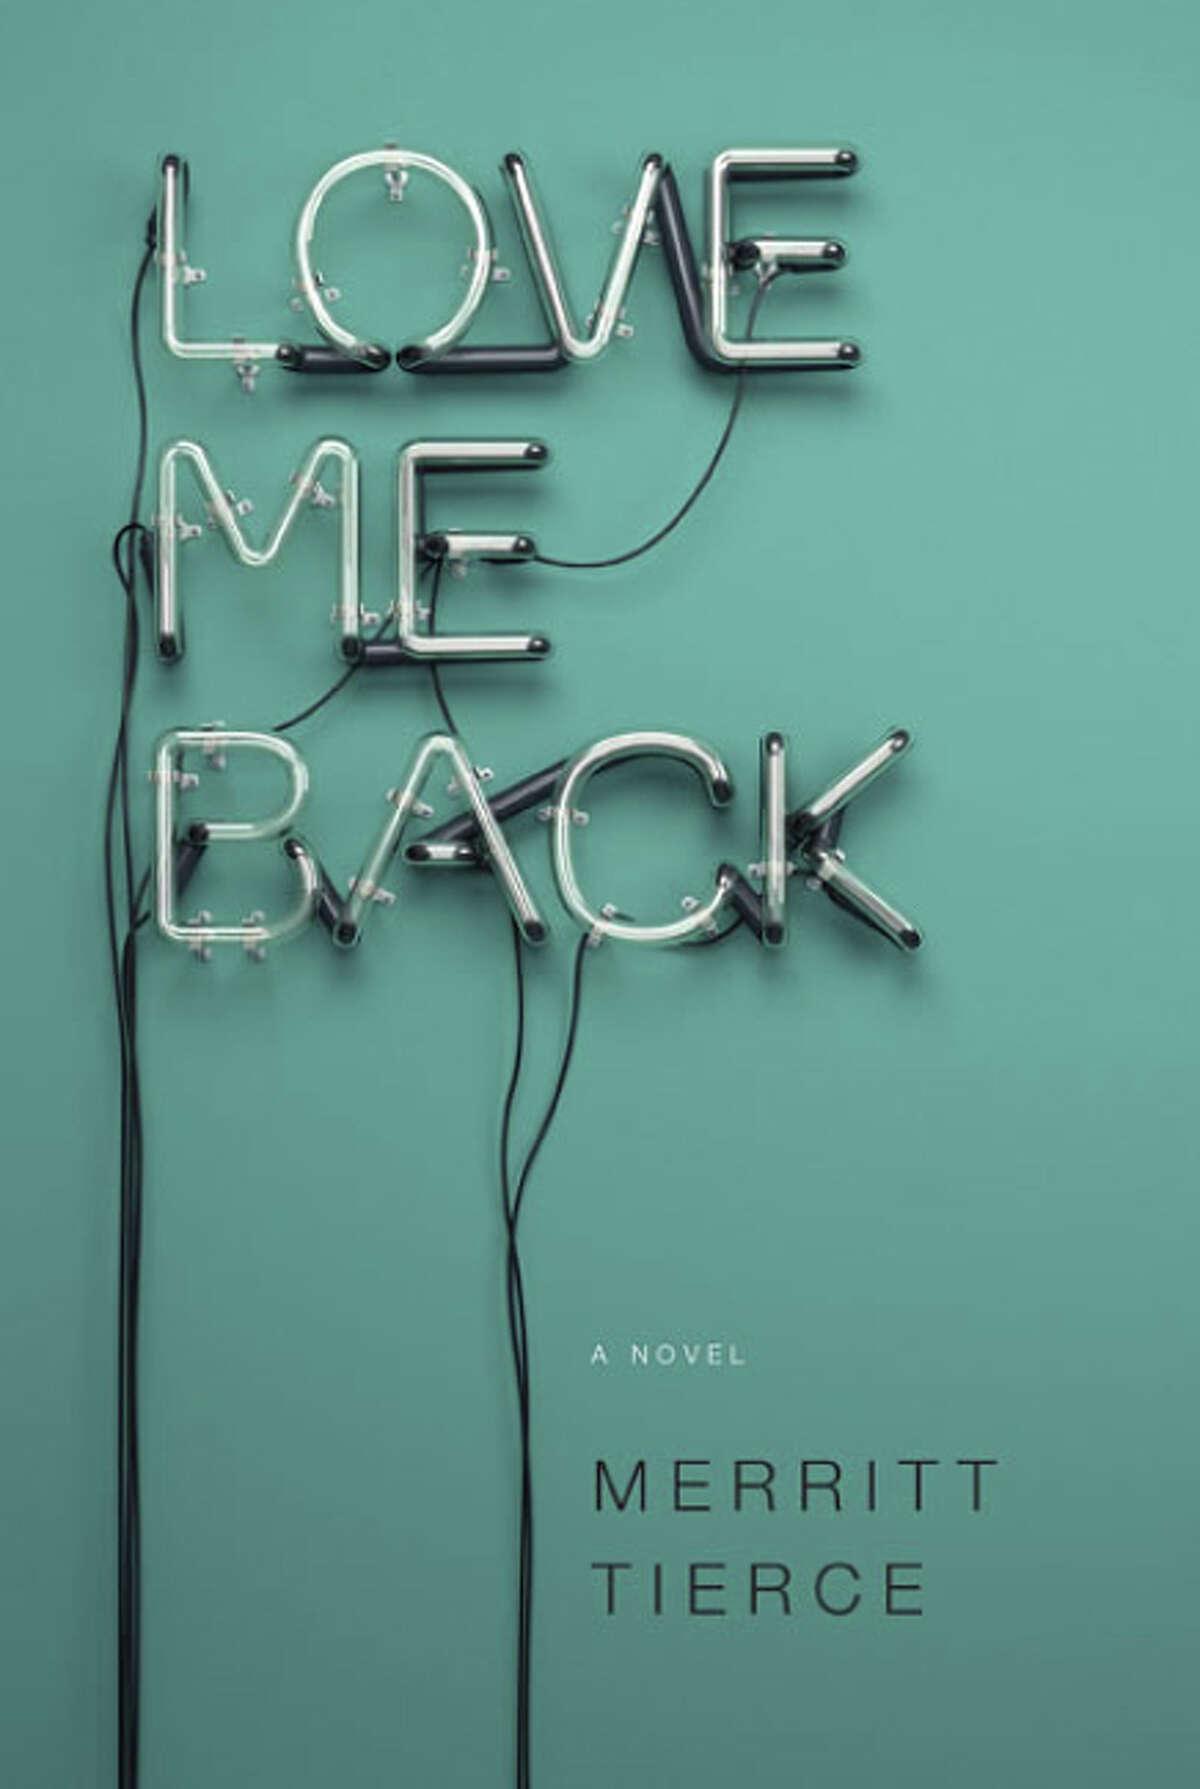 Love Me Back: A Novel (9/16/14) By Merrite Tierce